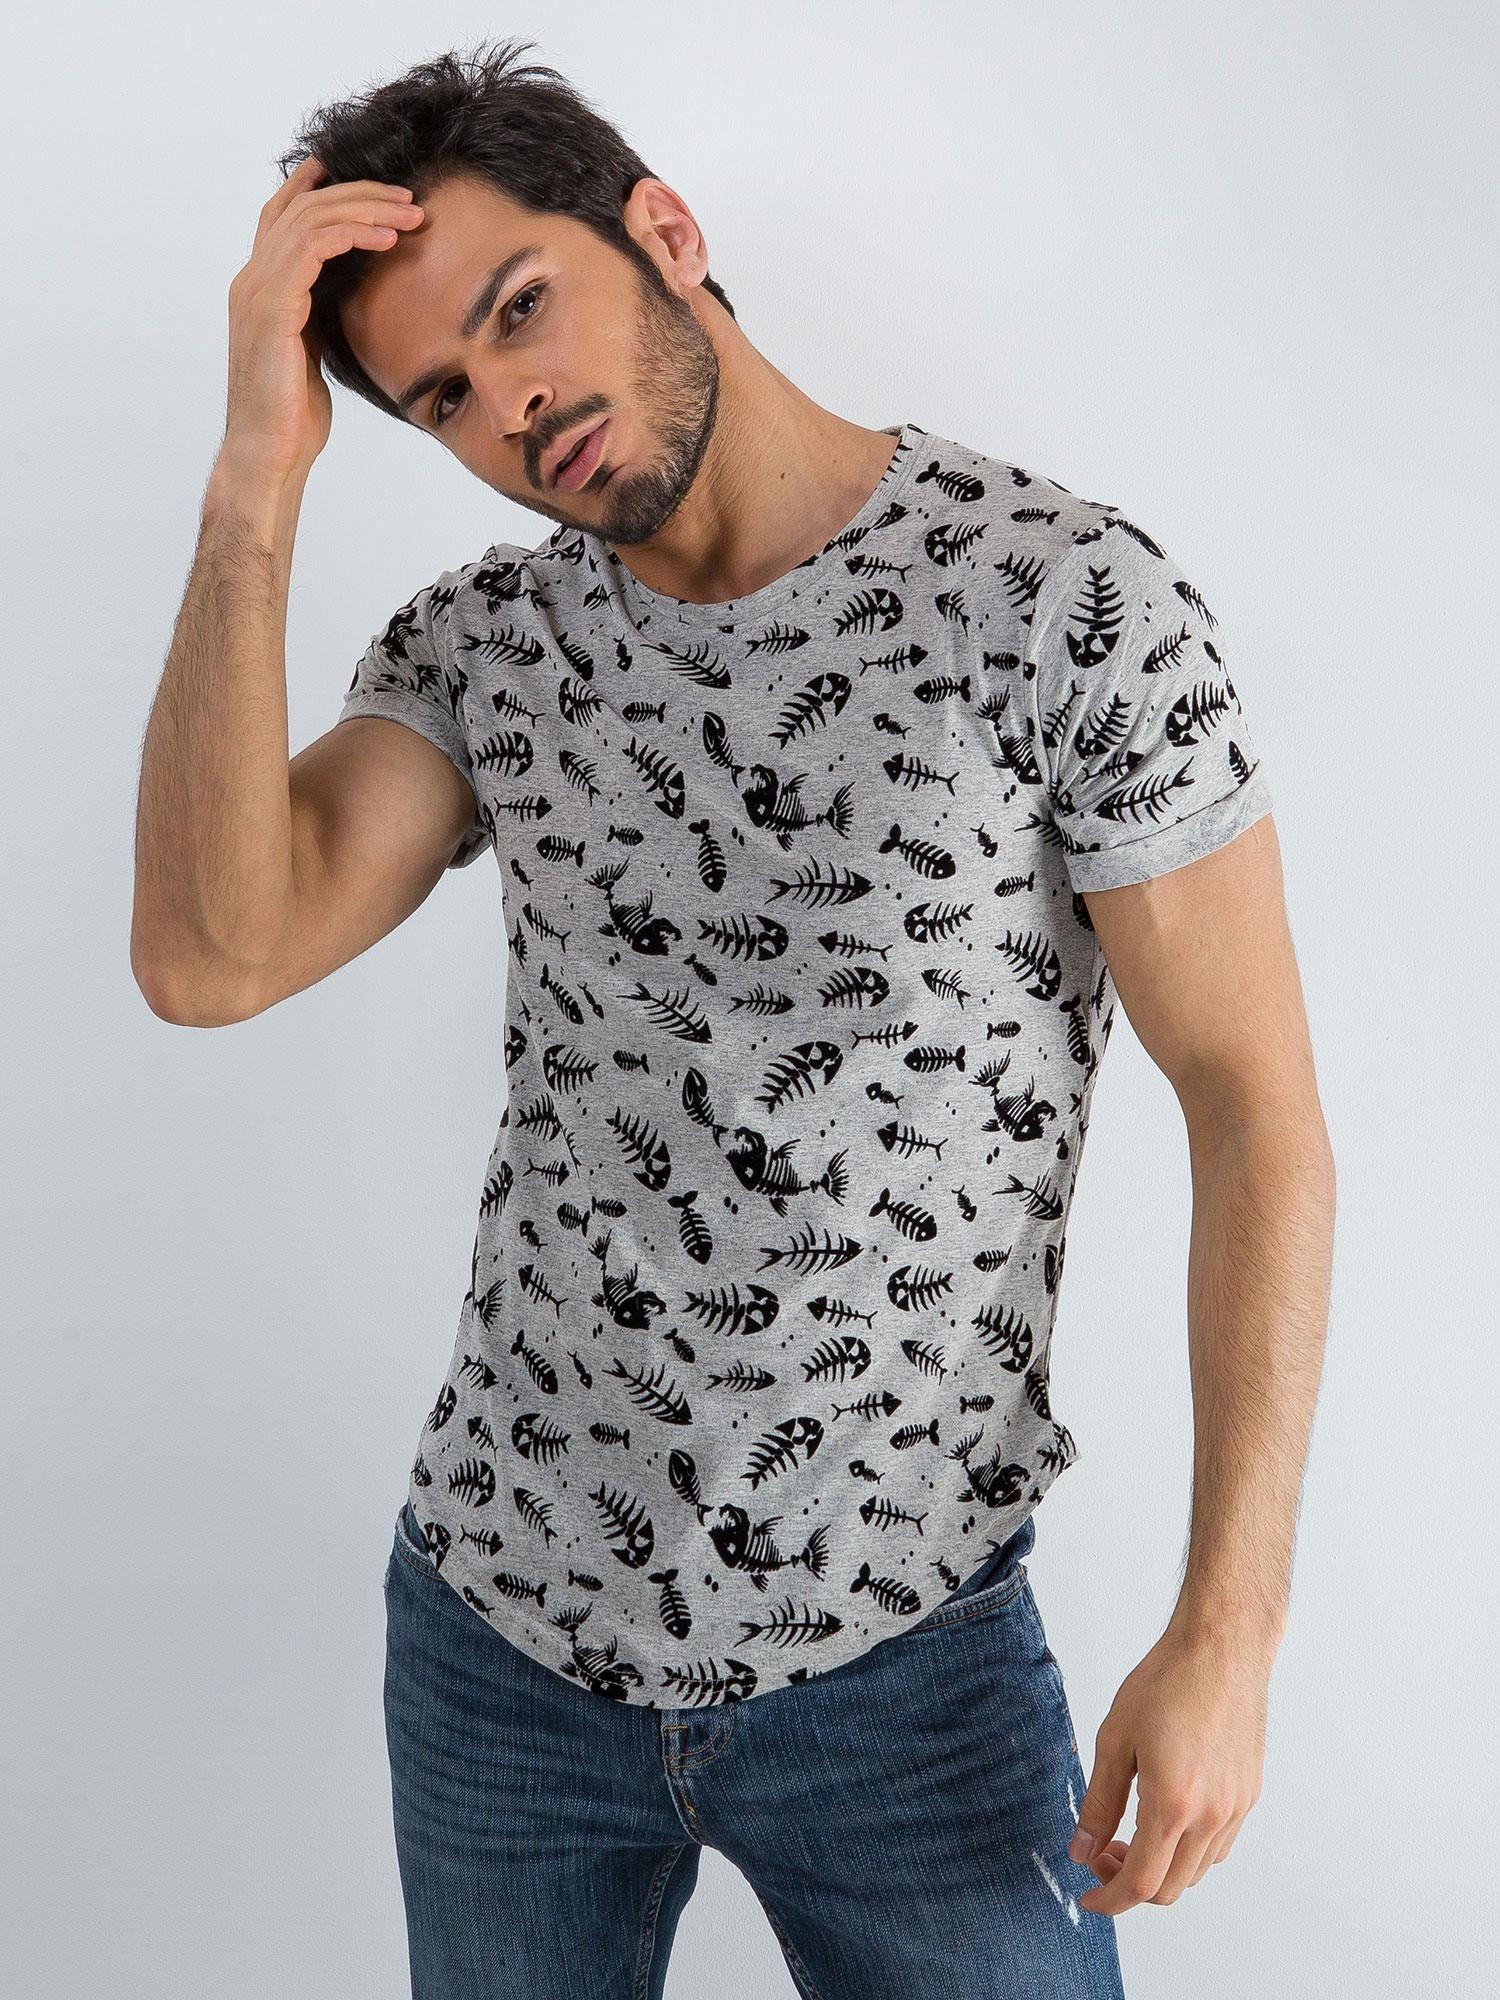 Szara koszulka męska we wzory